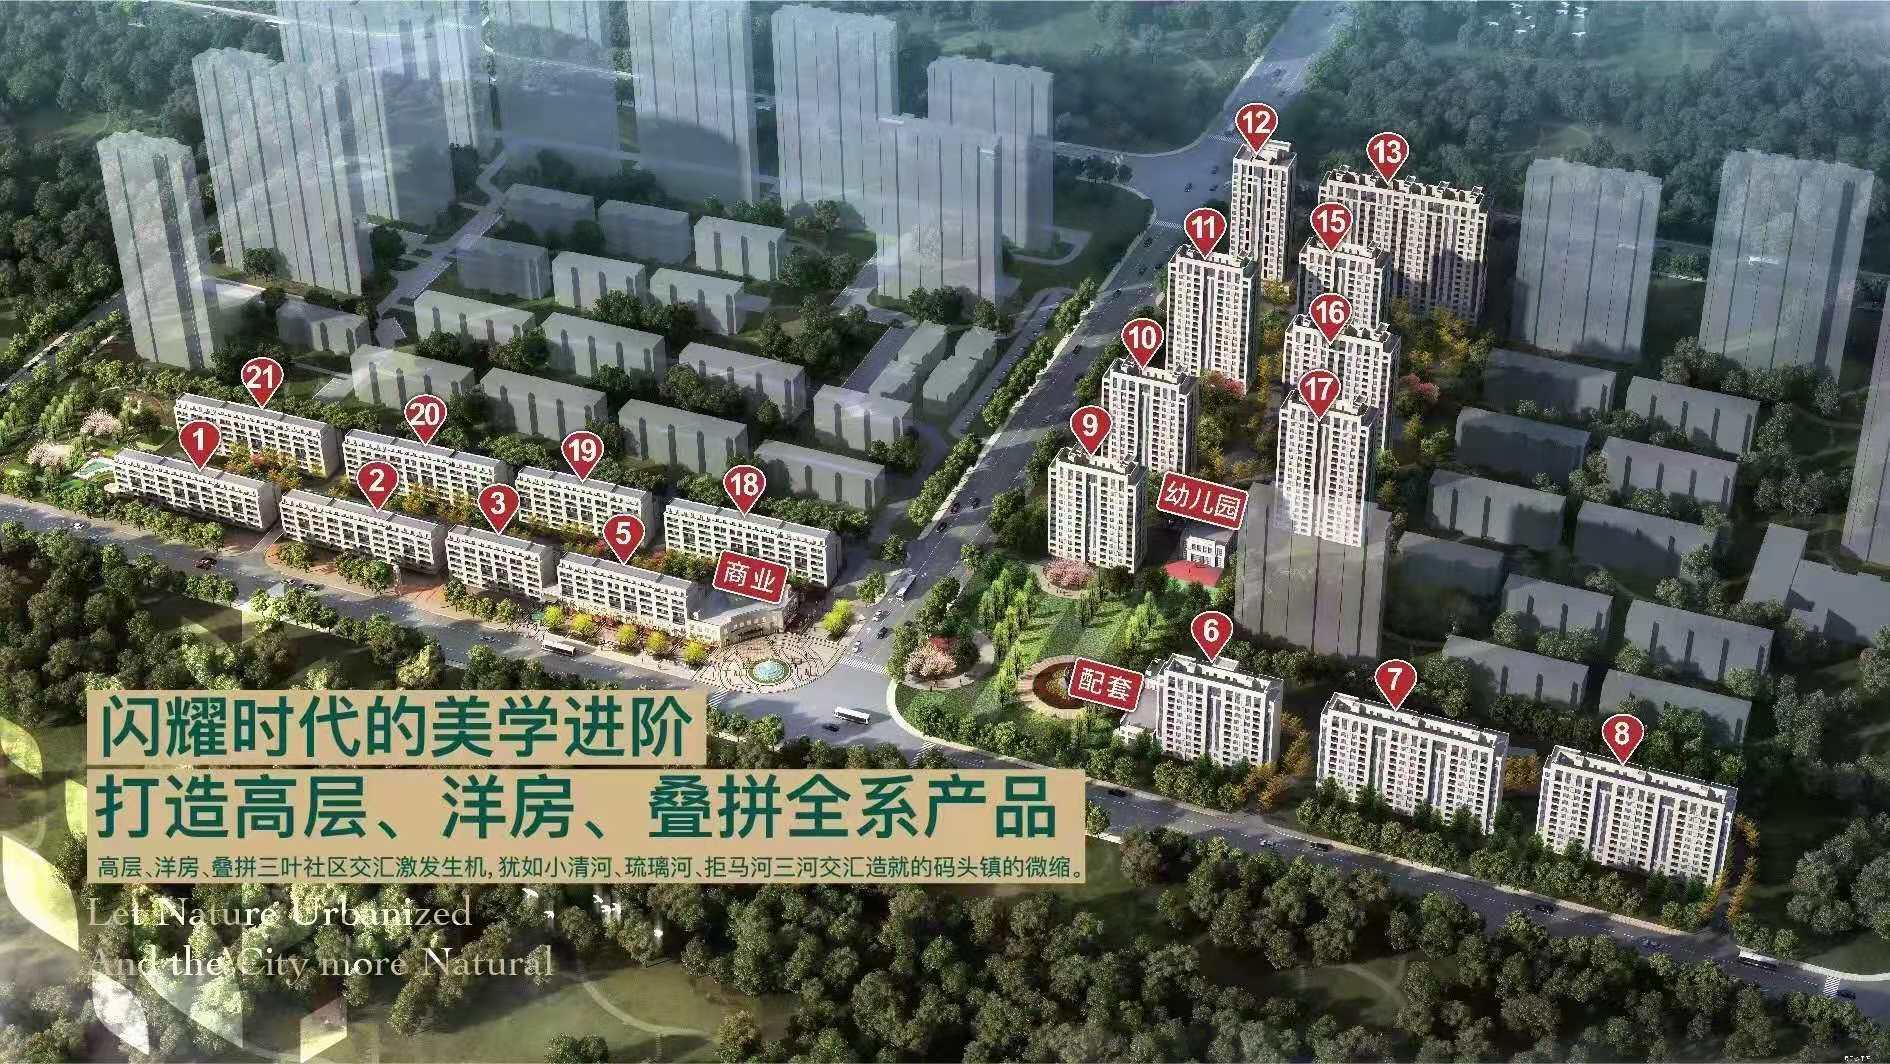 涿州万科楼盘规划沙盘